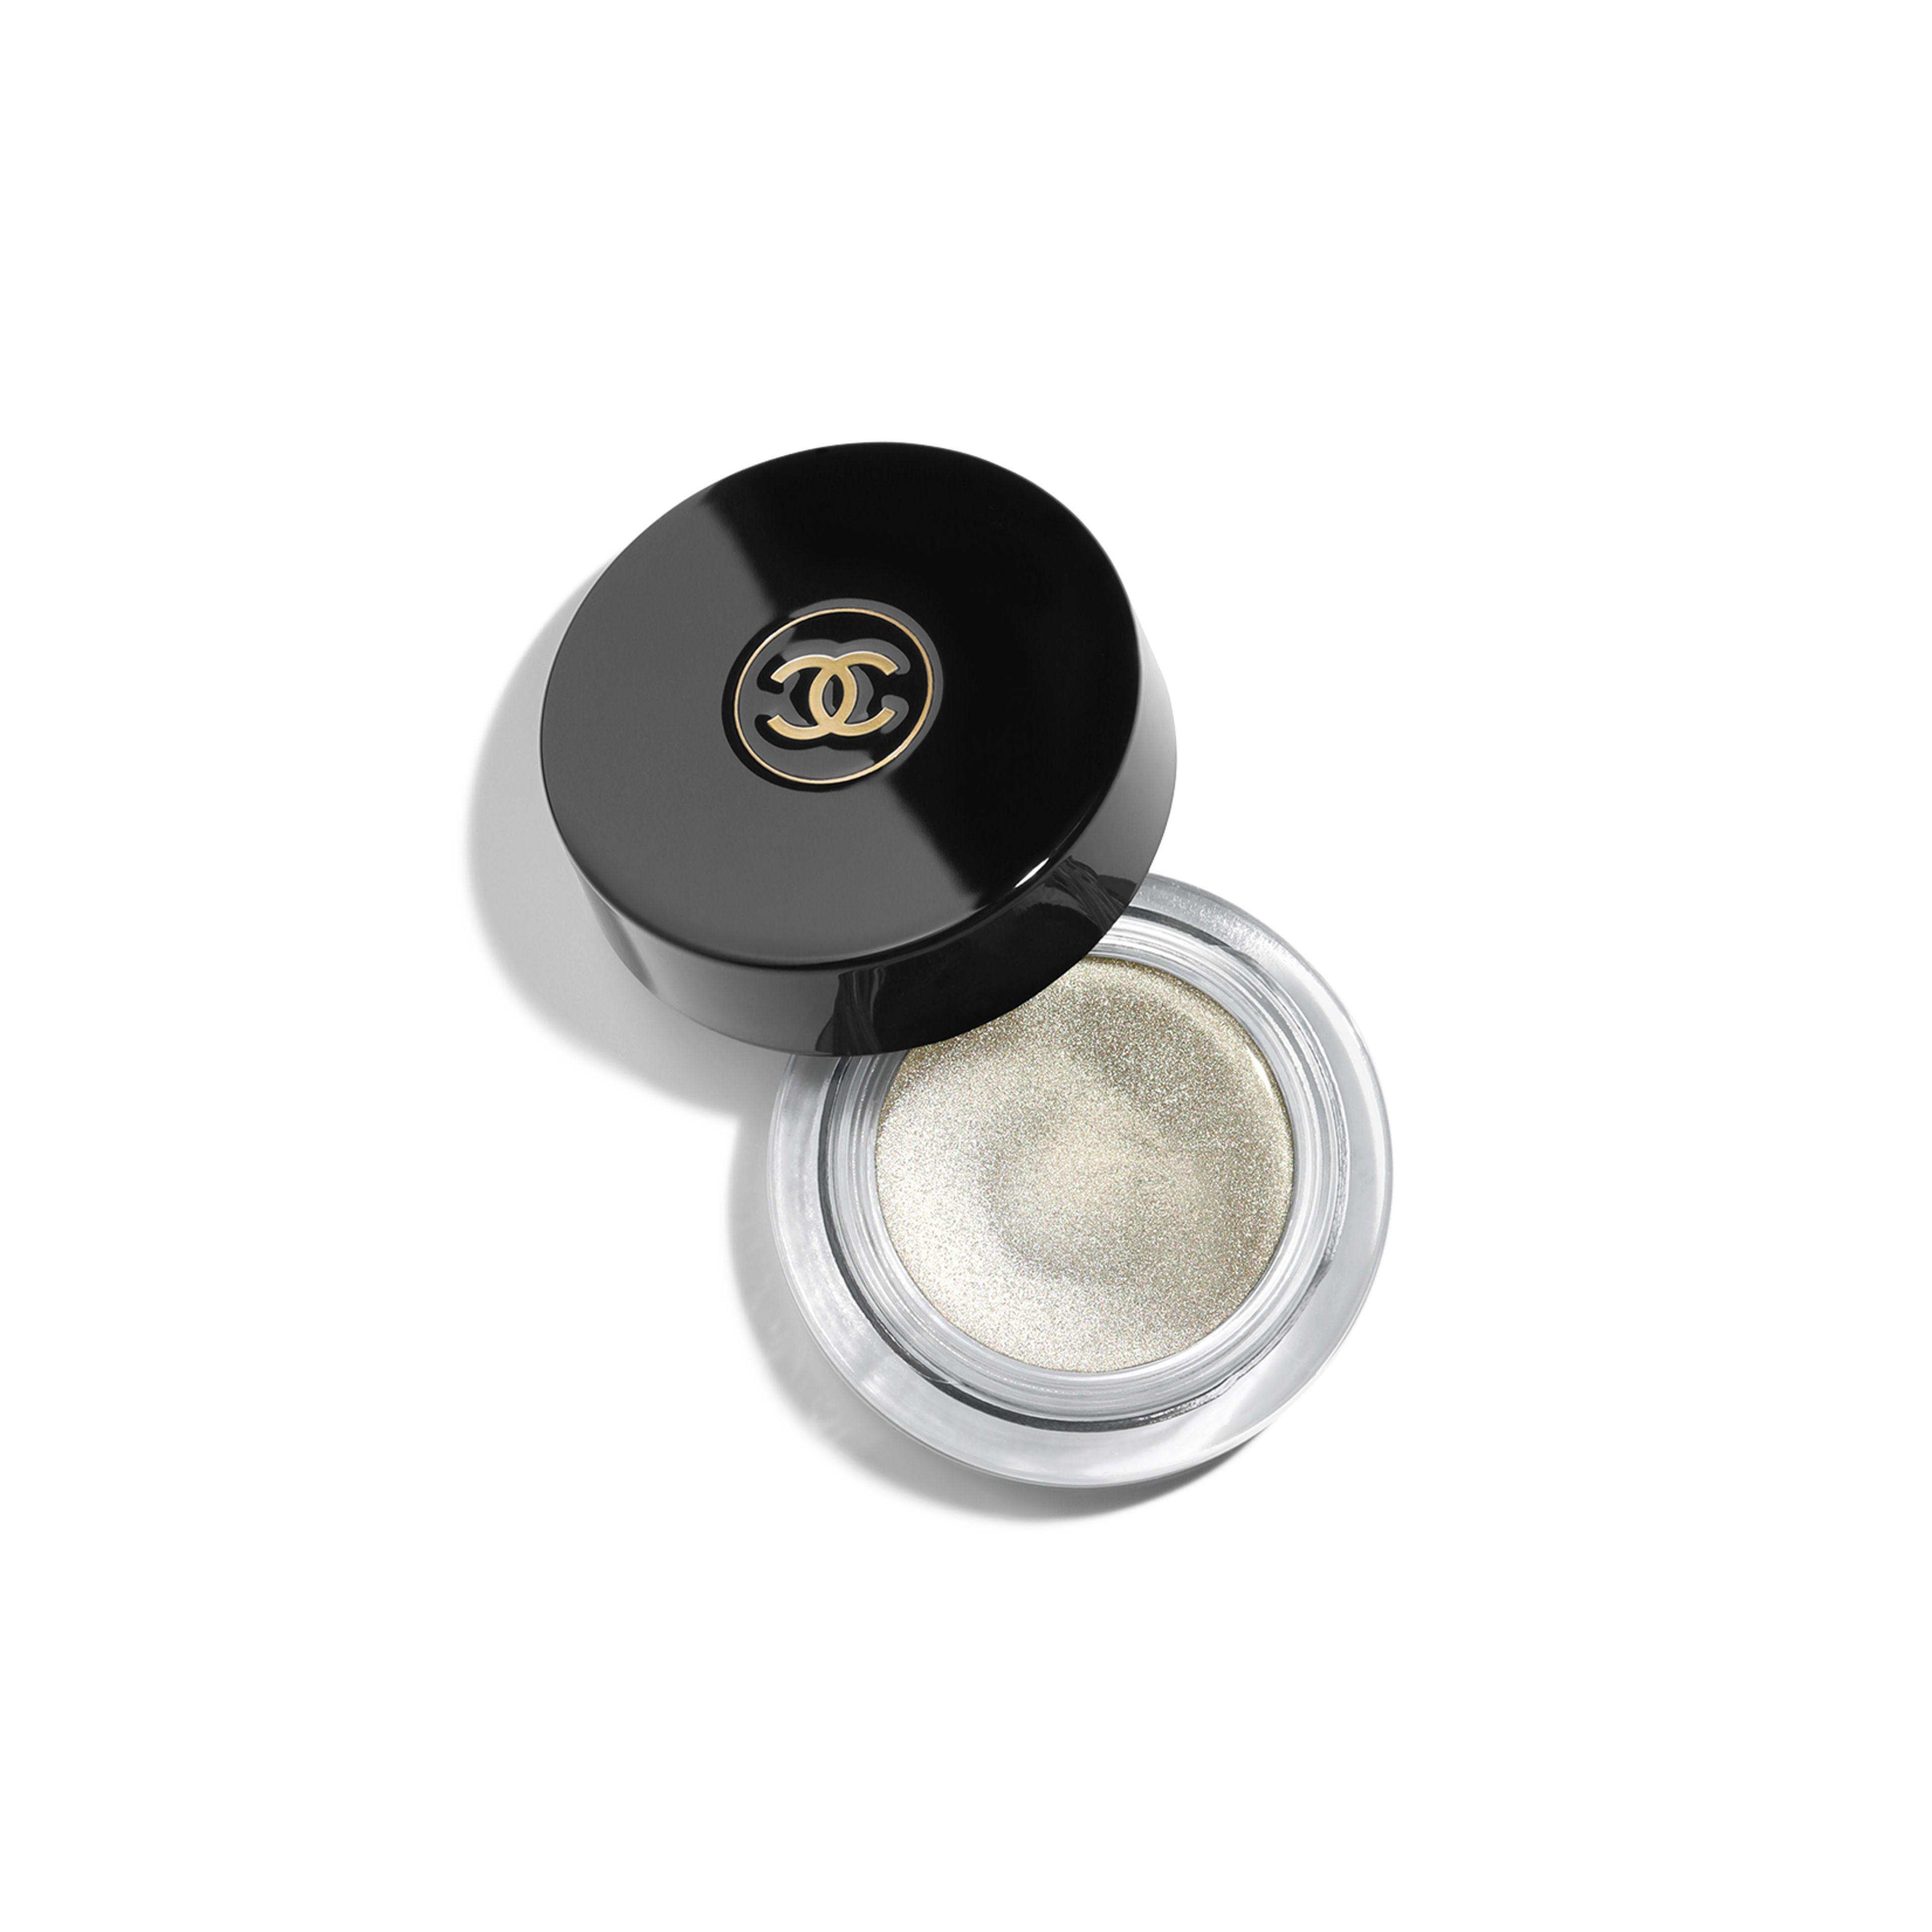 OMBRE PREMIÈRE GLOSS - makeup - 0.1OZ. - Default view